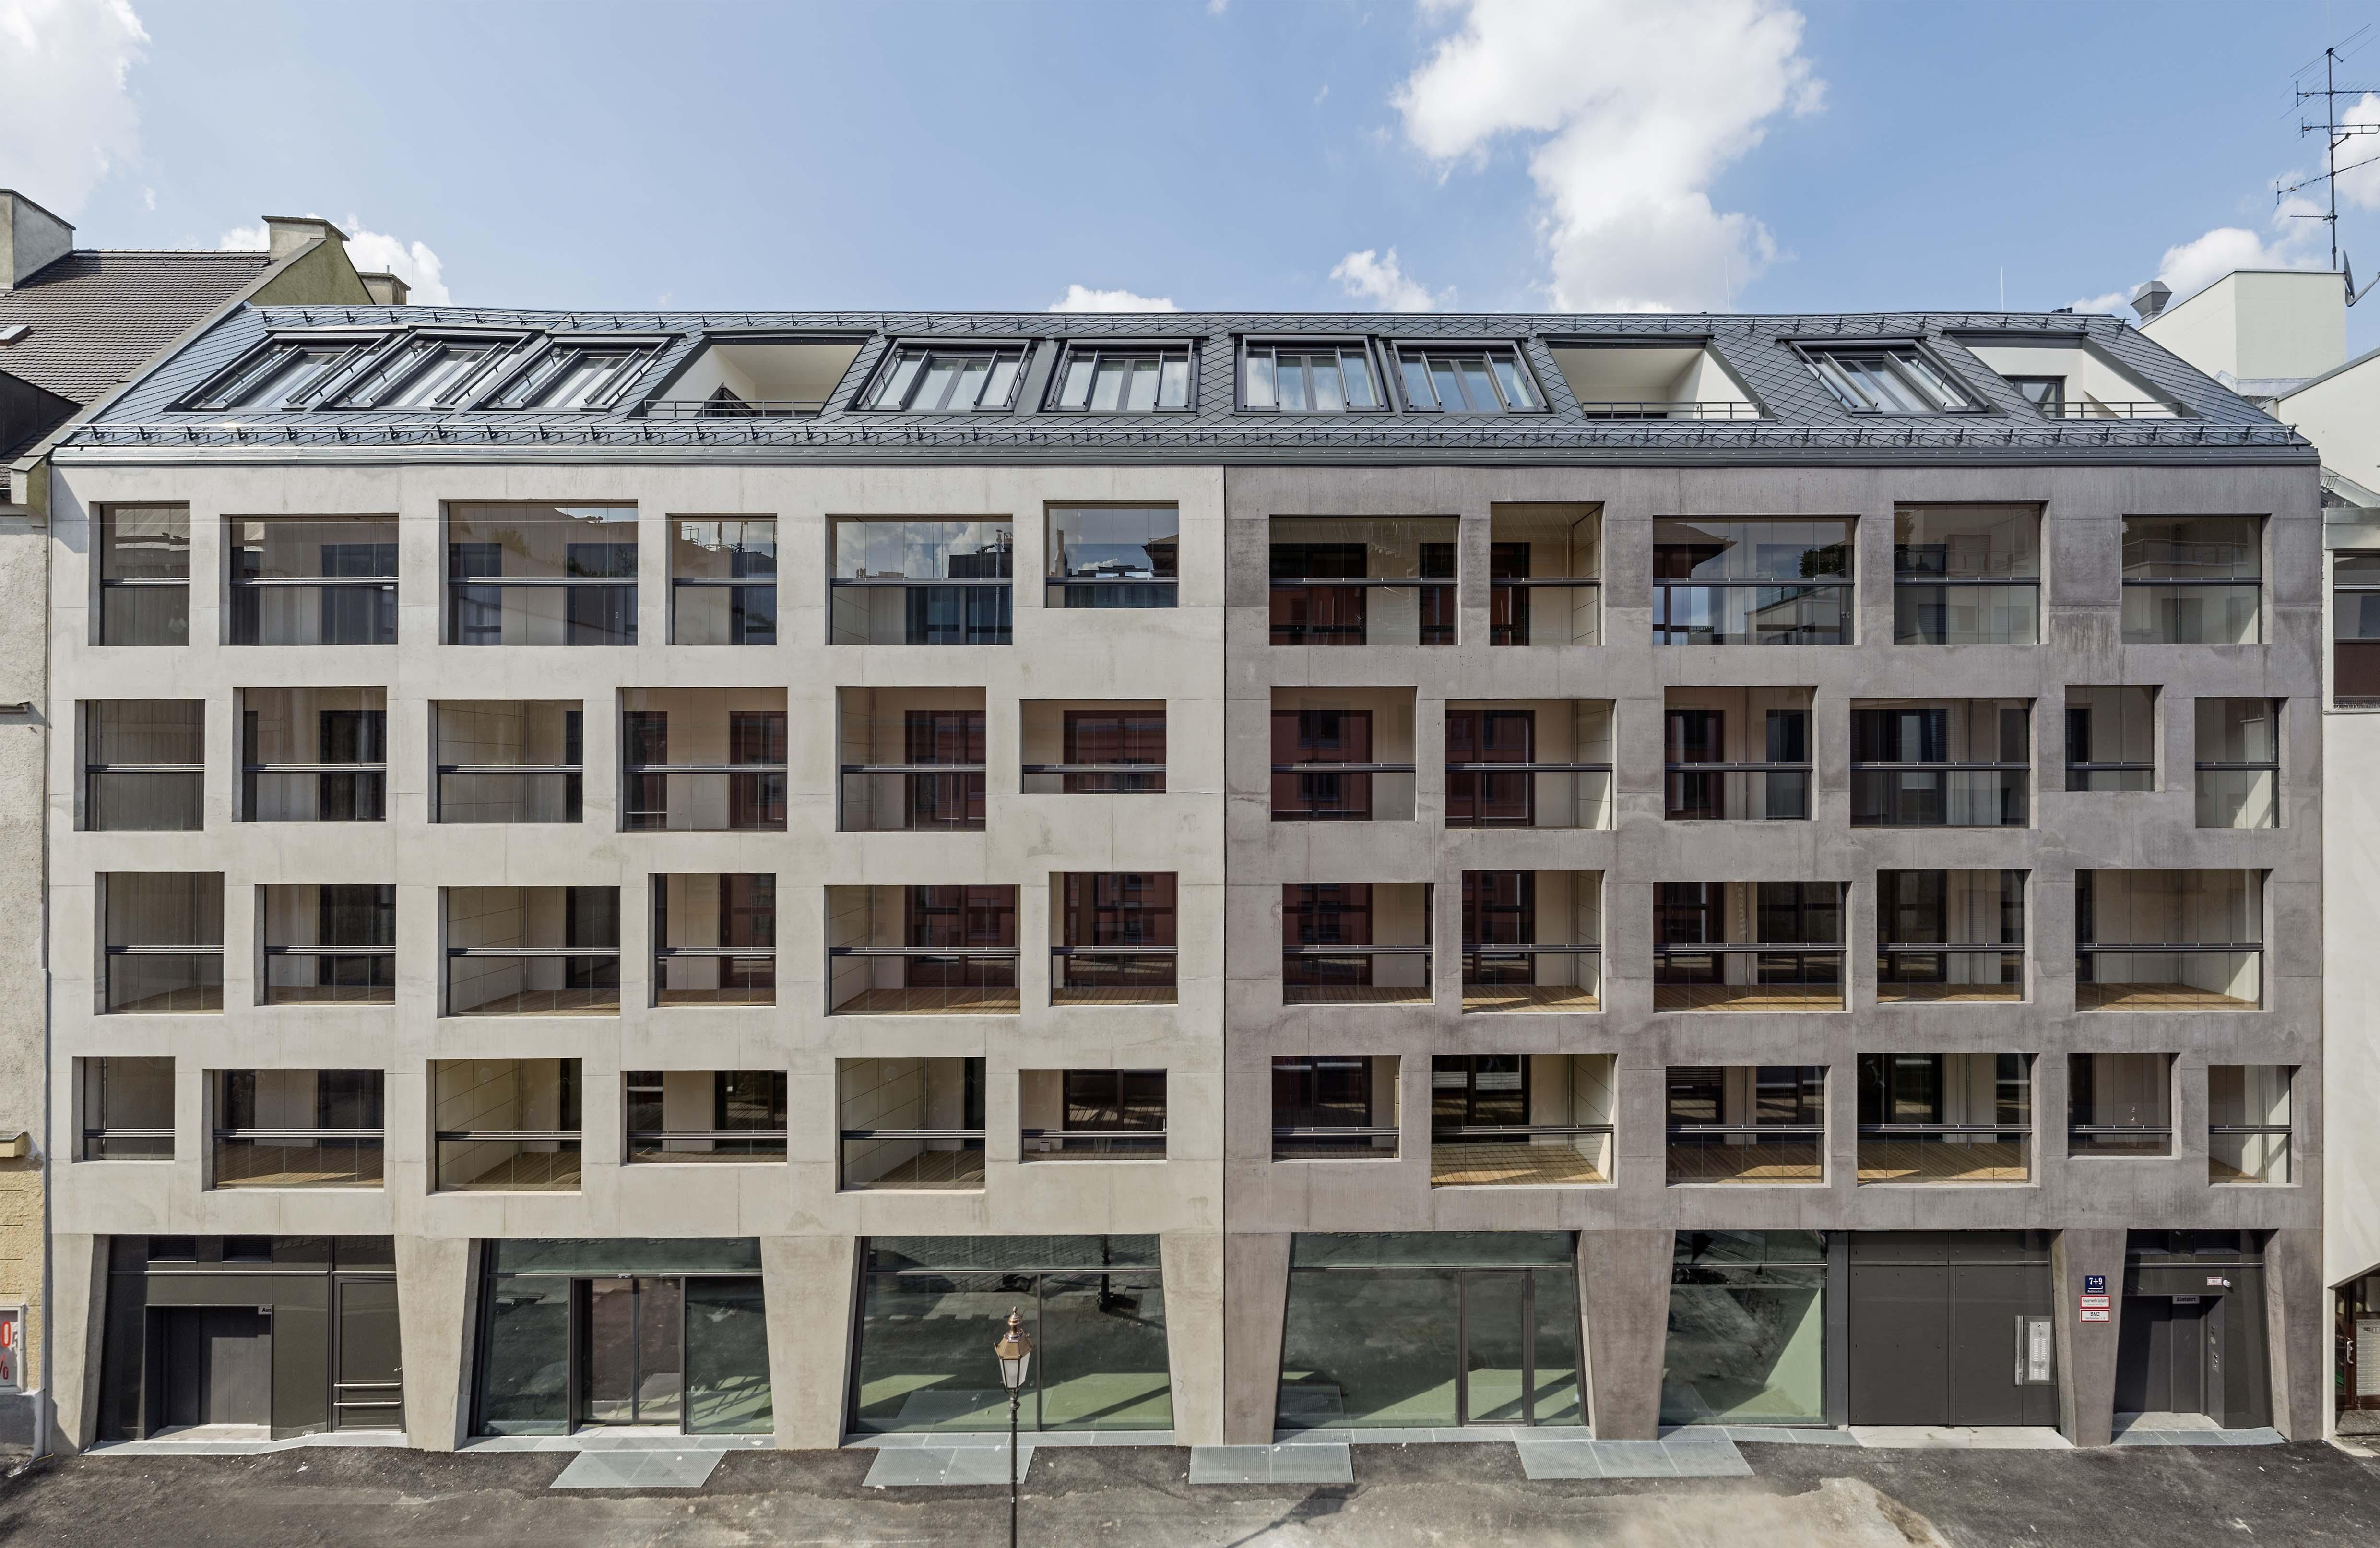 Wohn und gesch ftshaus mona i co muenchenarchitektur for Architektur 80er jahre